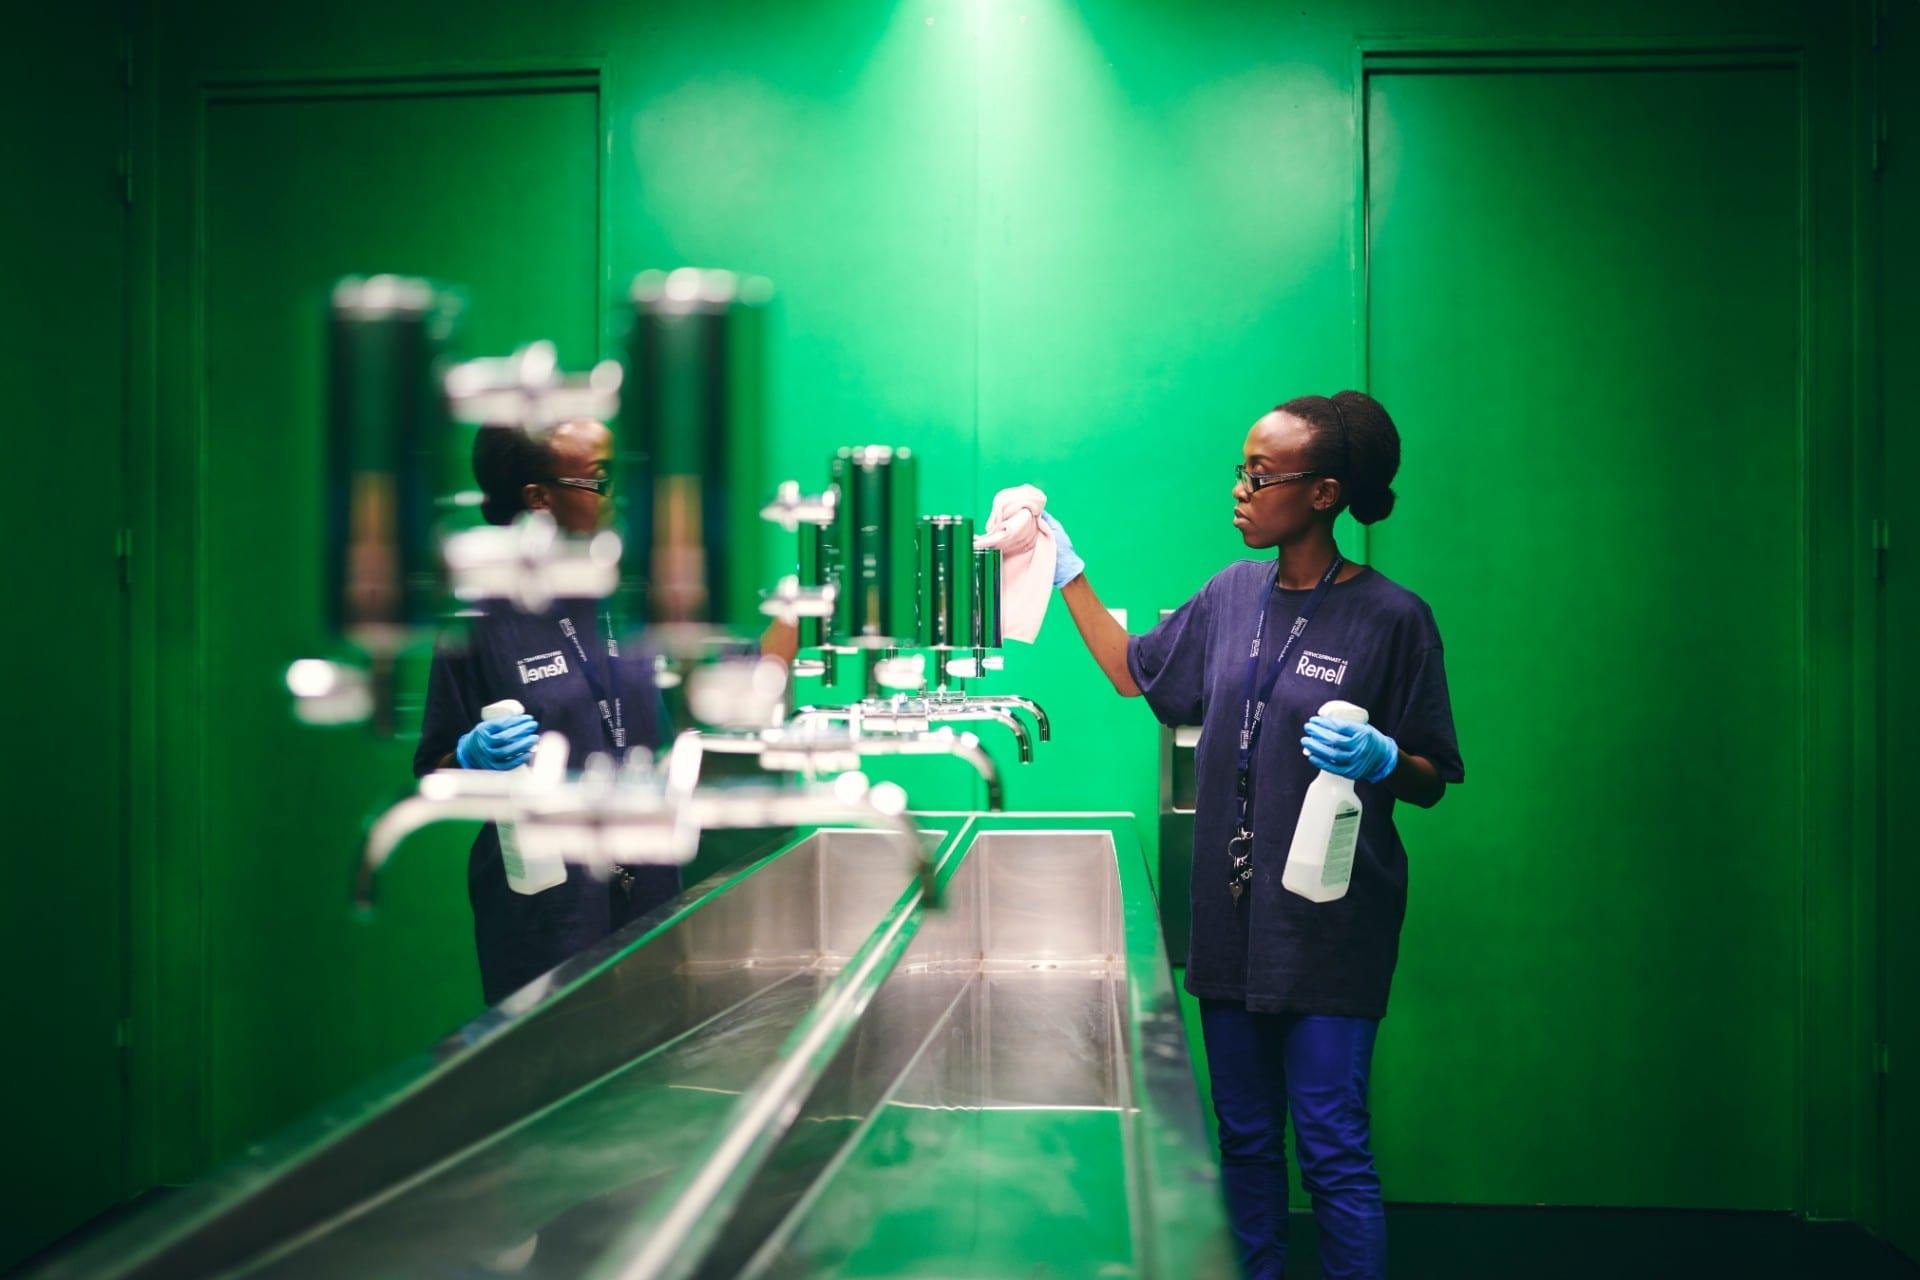 Renell-medarbejder pudser spejl hos erhvervskunde